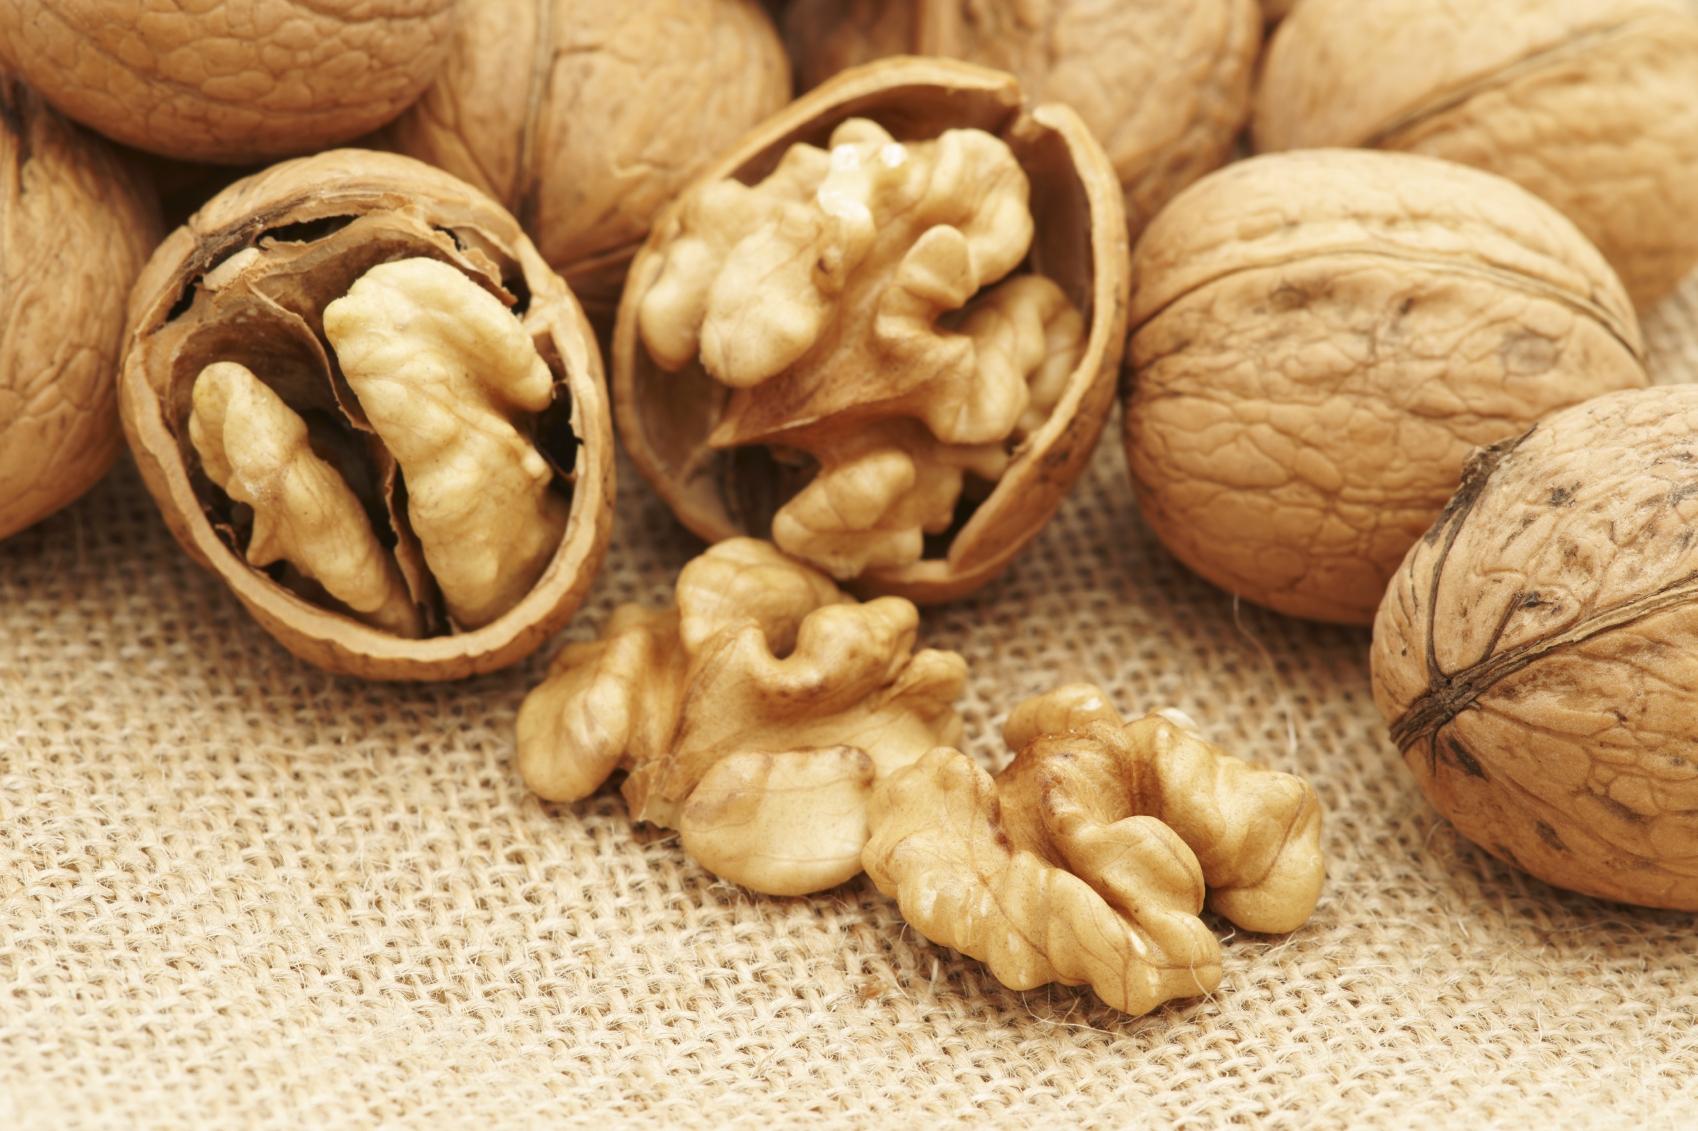 польза перегородок грецкого ореха для здоровья мужчин и женщин